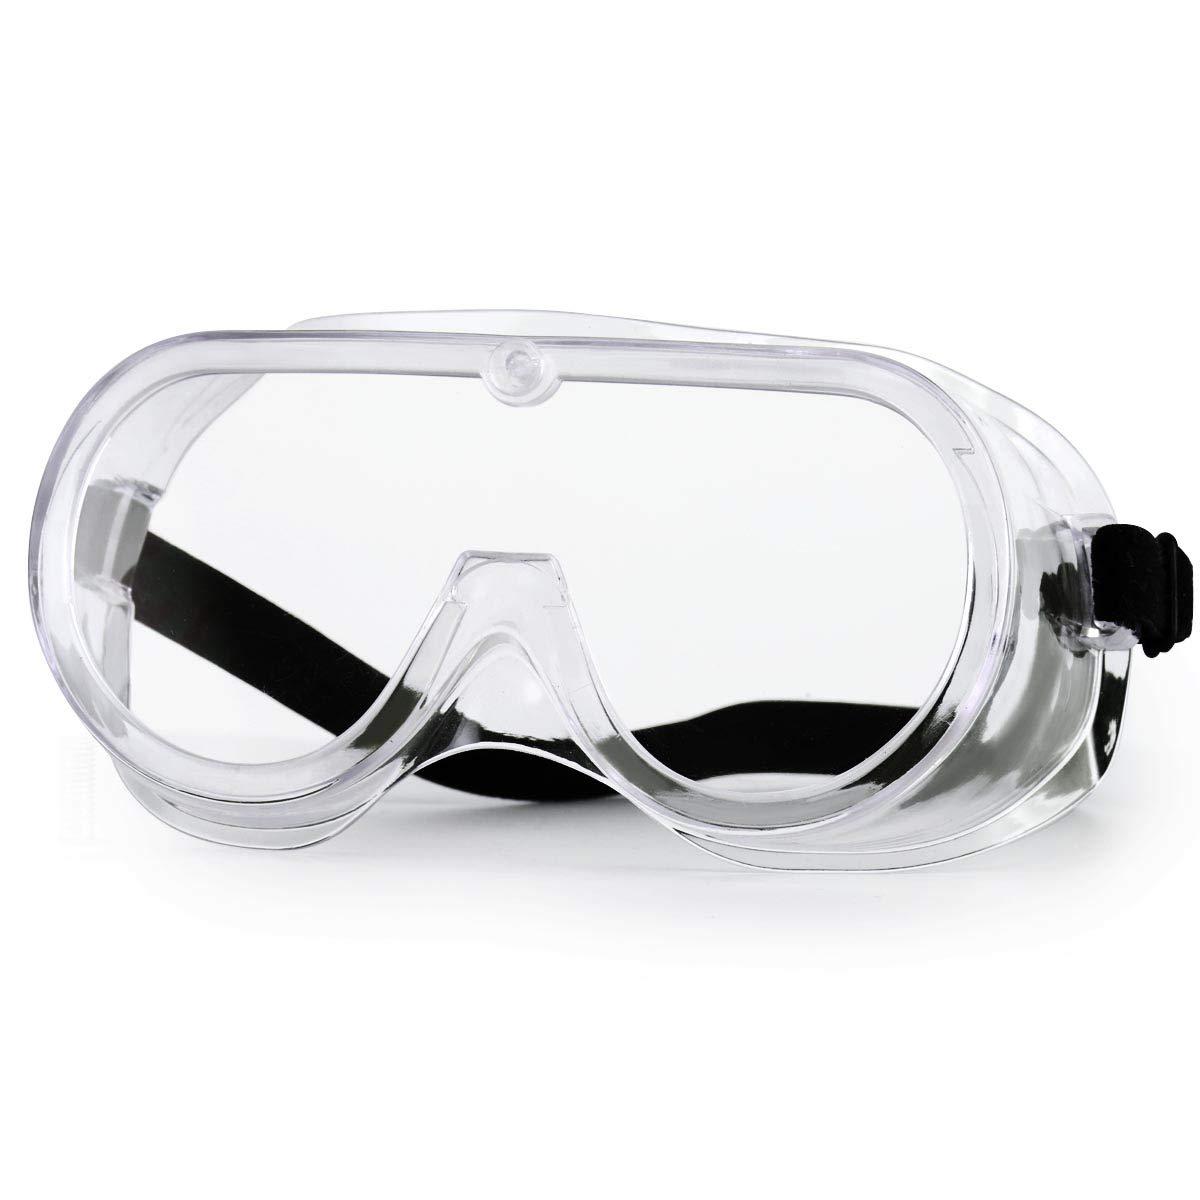 Gafas Protectoras NASUM, Gafas de Seguridad, Gafas a Prueba de Polvo, para Uso Industrial, Agrícola o de Laboratorio (1 Par)